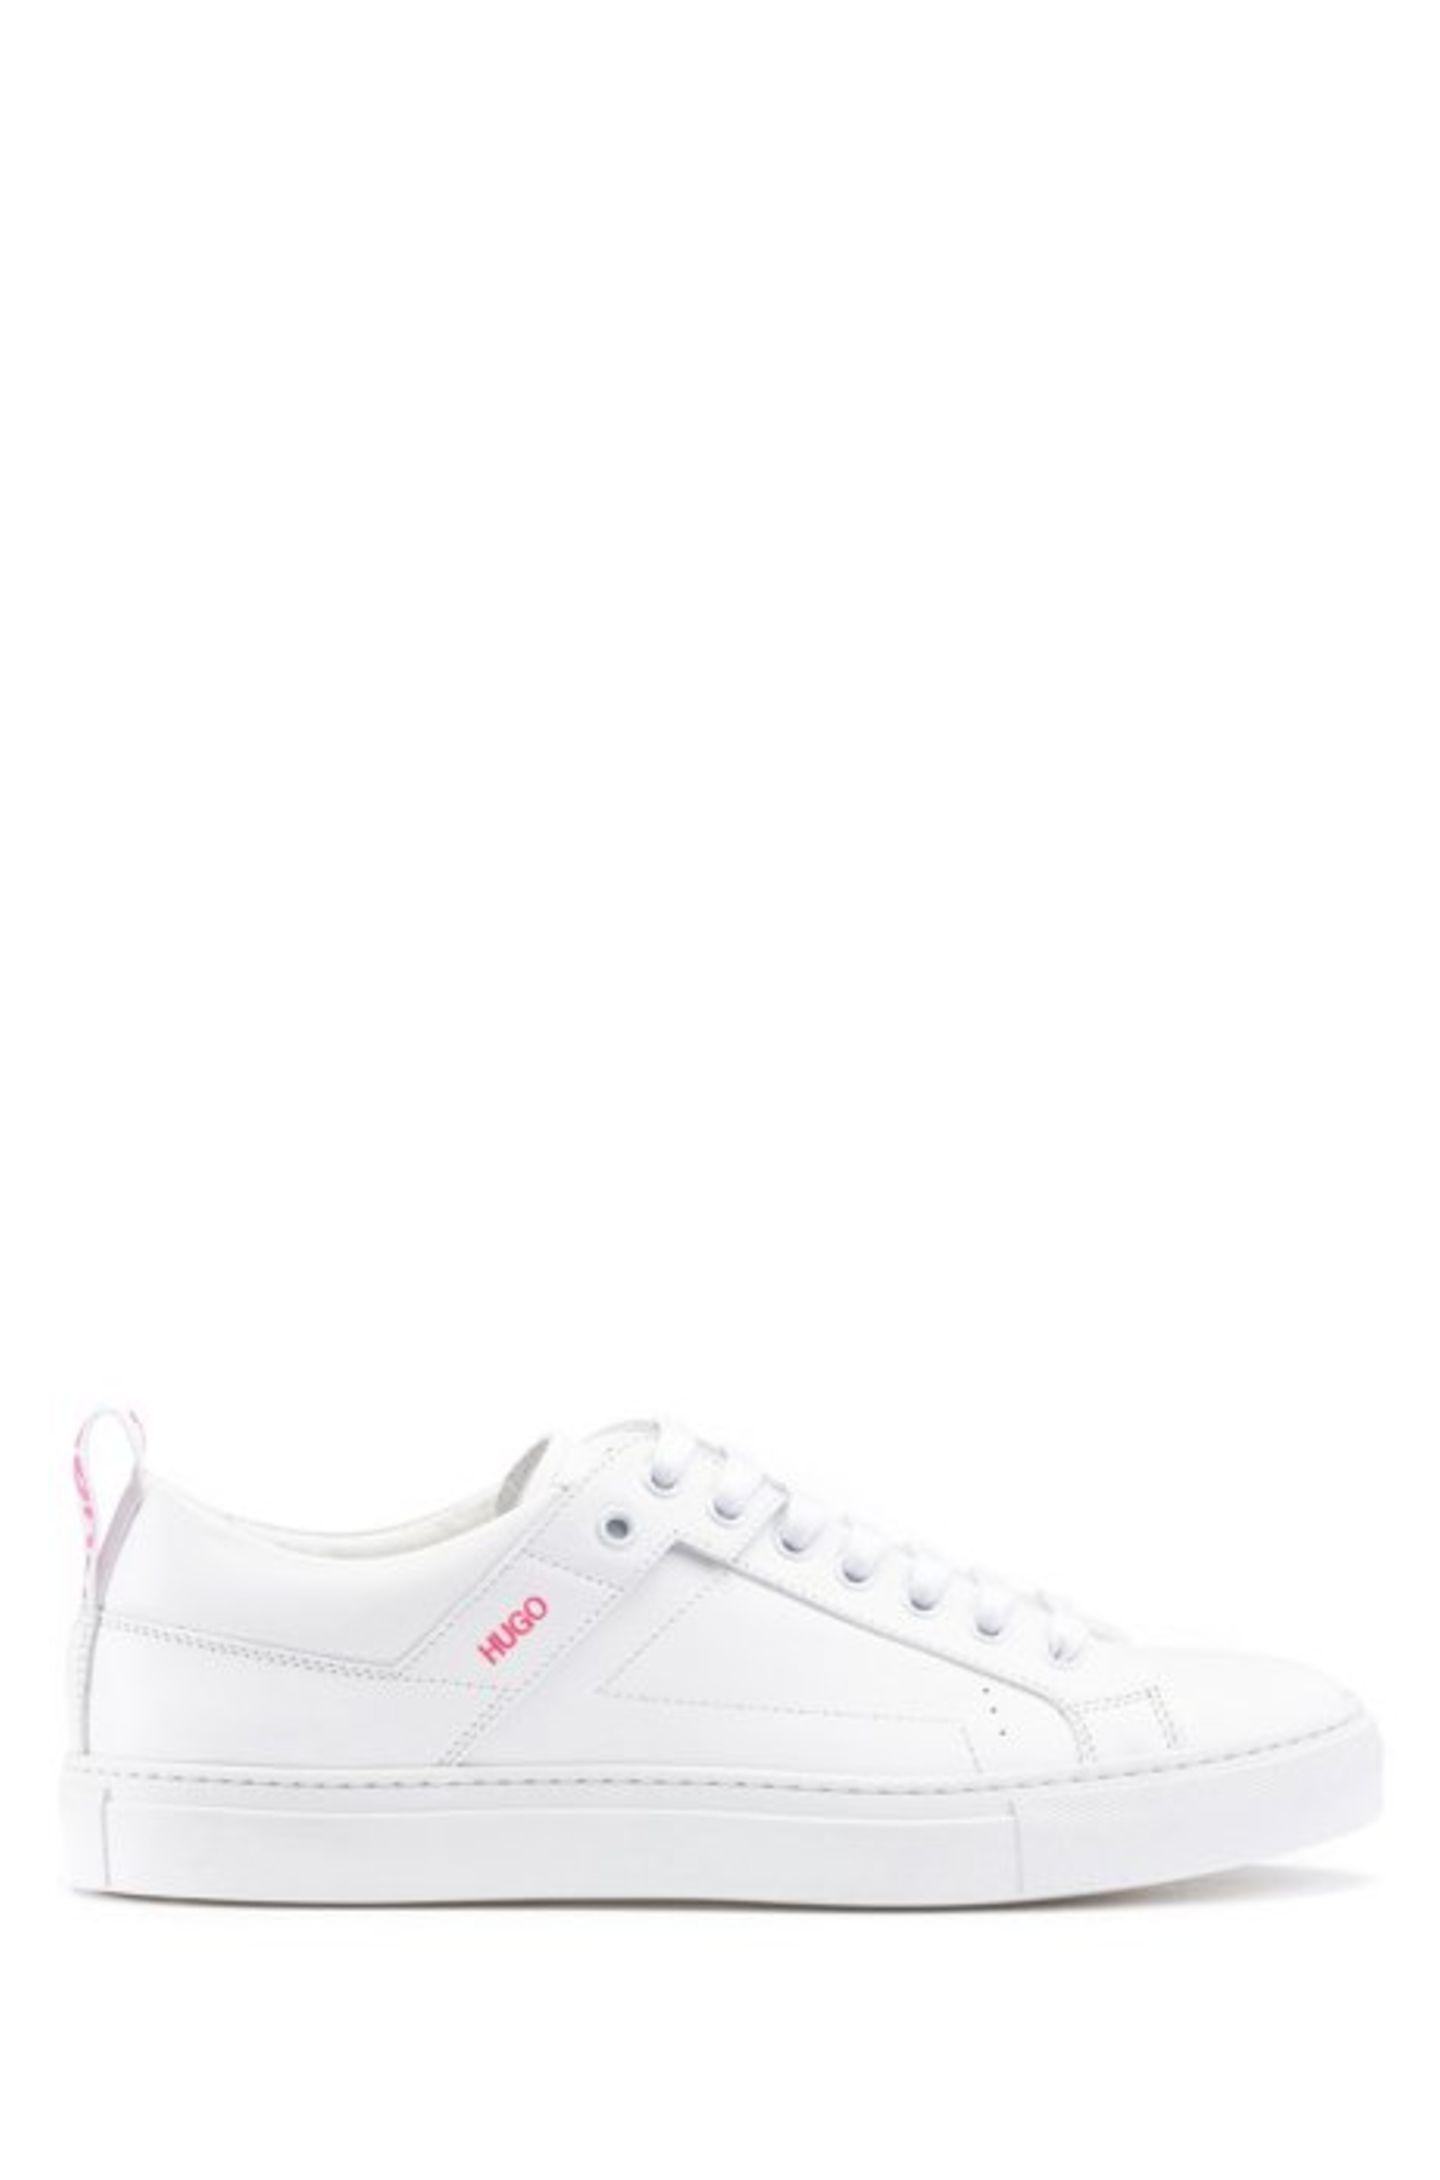 Italienisches Leder, cleaner Look – wir versprechen euch, diese Sneakers werdet ihr länger als nur eine Saison lieben. Obzum Walle-Kleidchen oder zu Jeans – dieser Schuh-Allrounder ist ein echtes Lieblingsteil. Von Boss, reduziert auf 179 Euro.